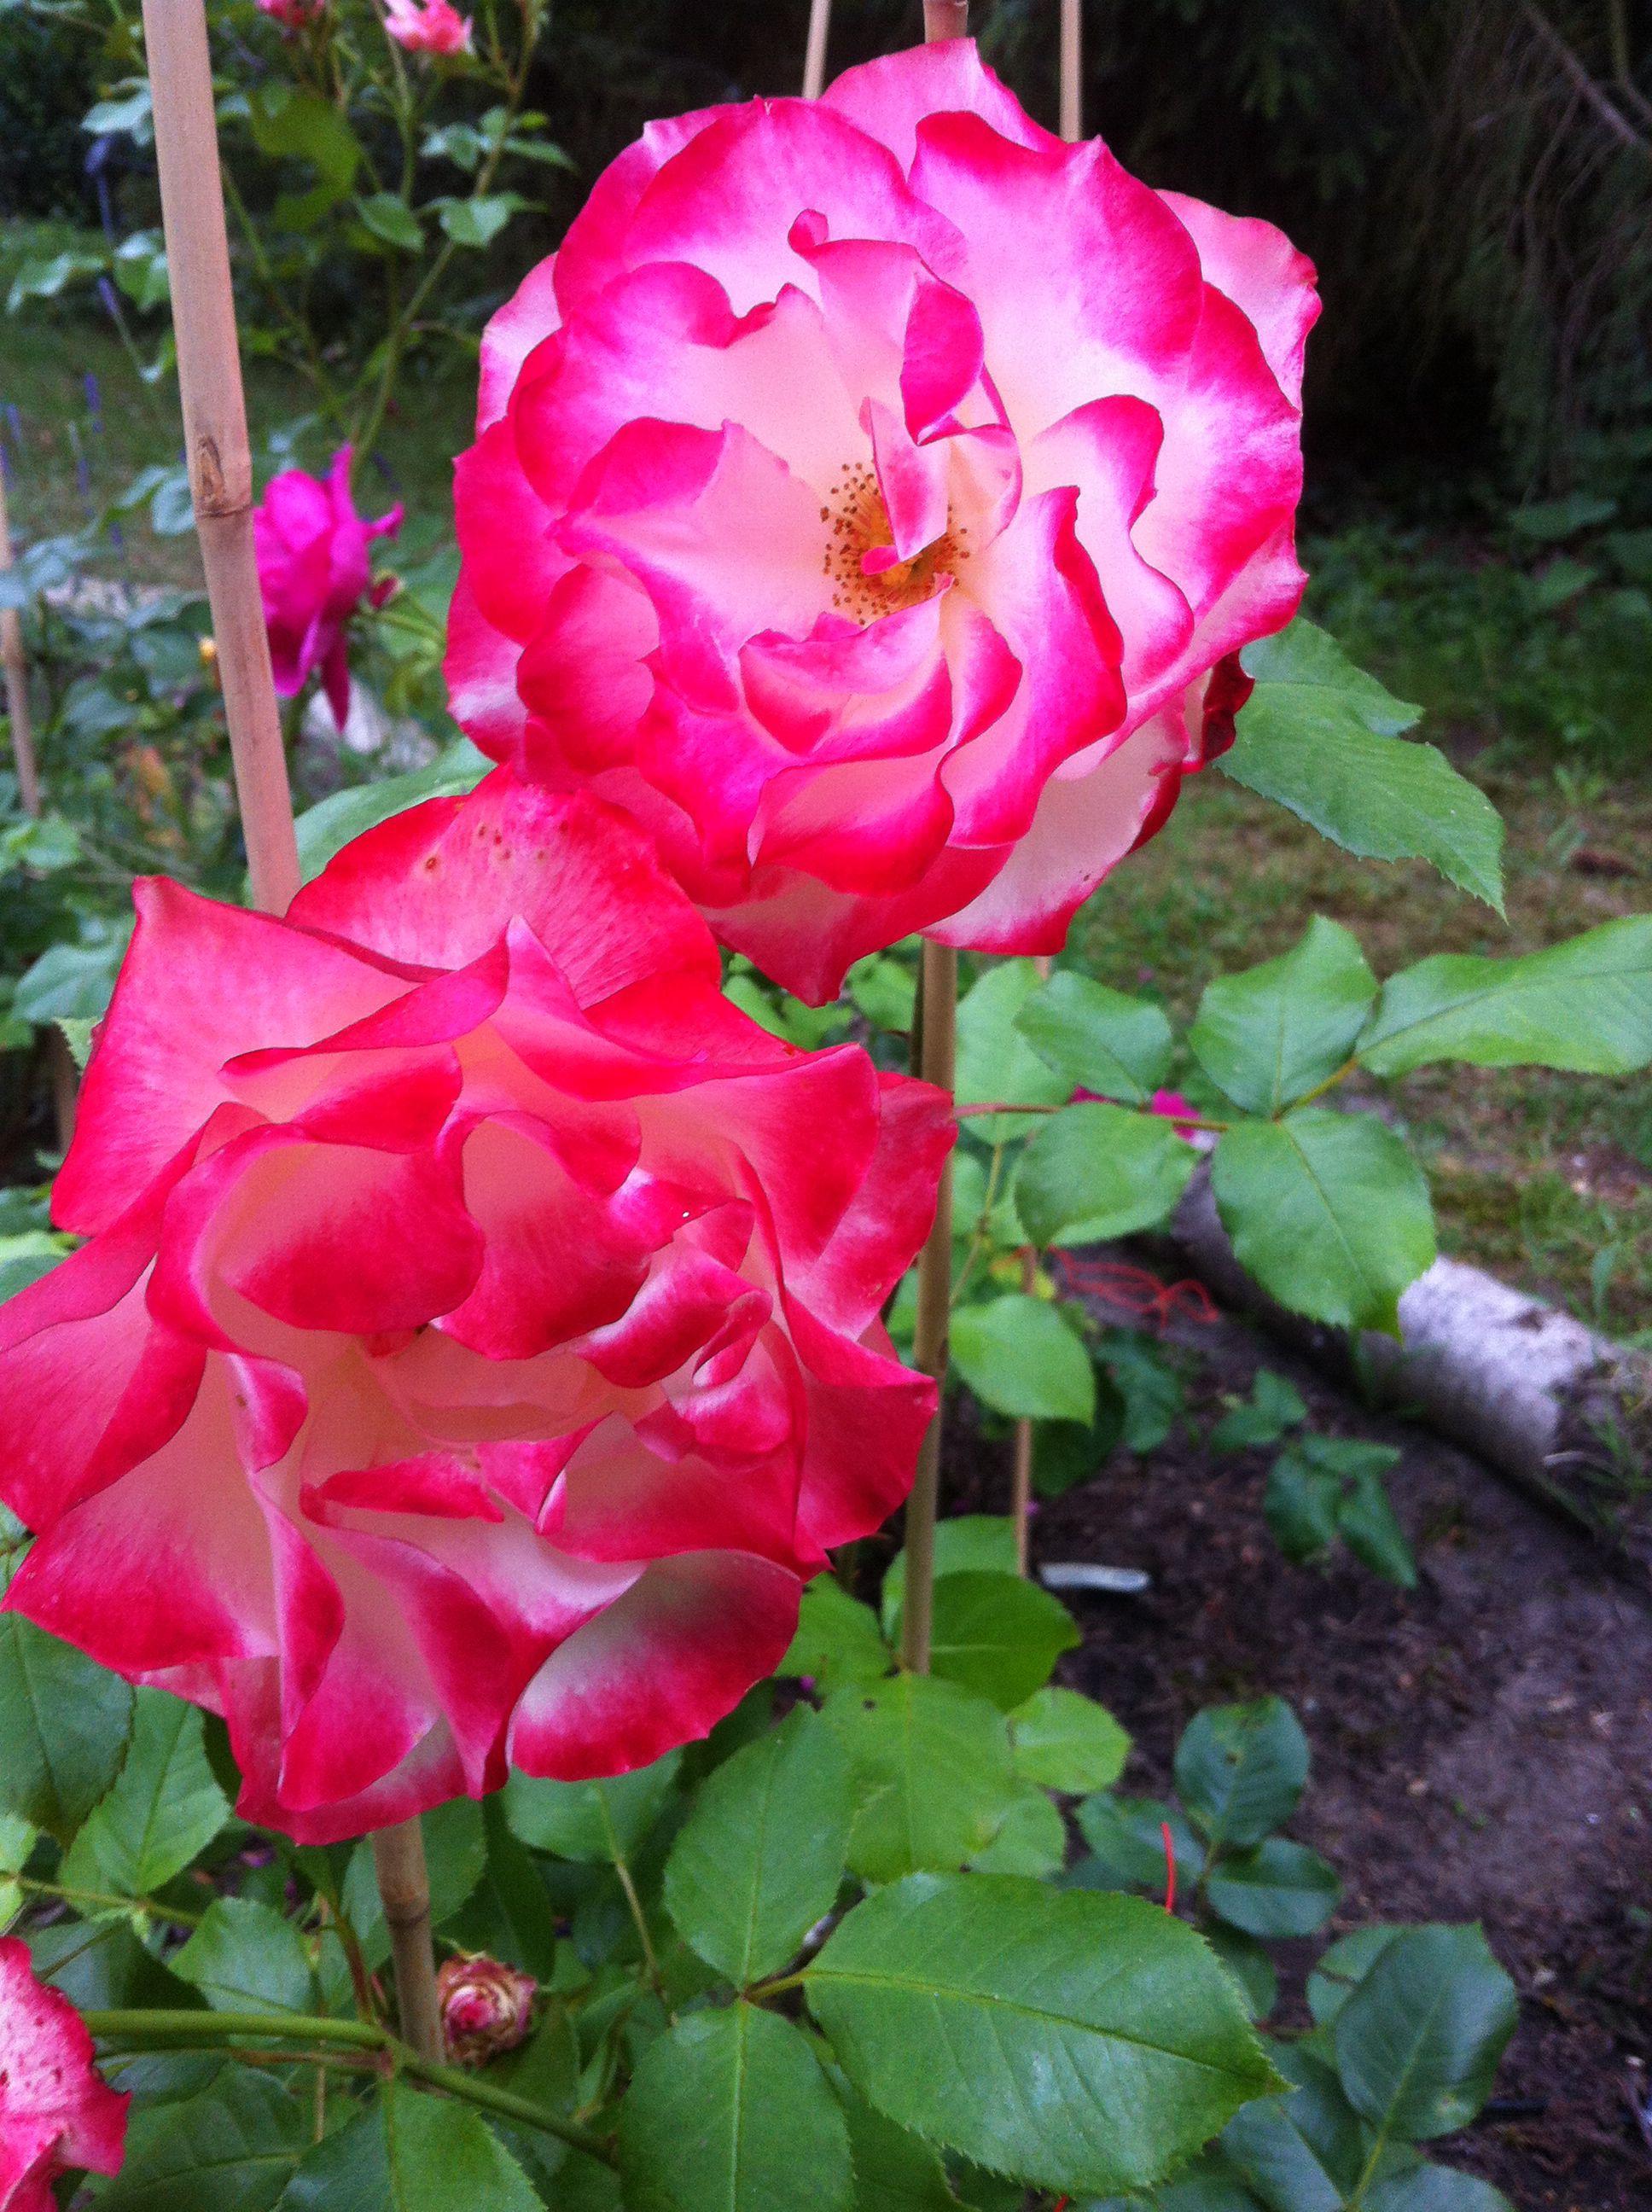 Prinz von Monaco Rose meilland